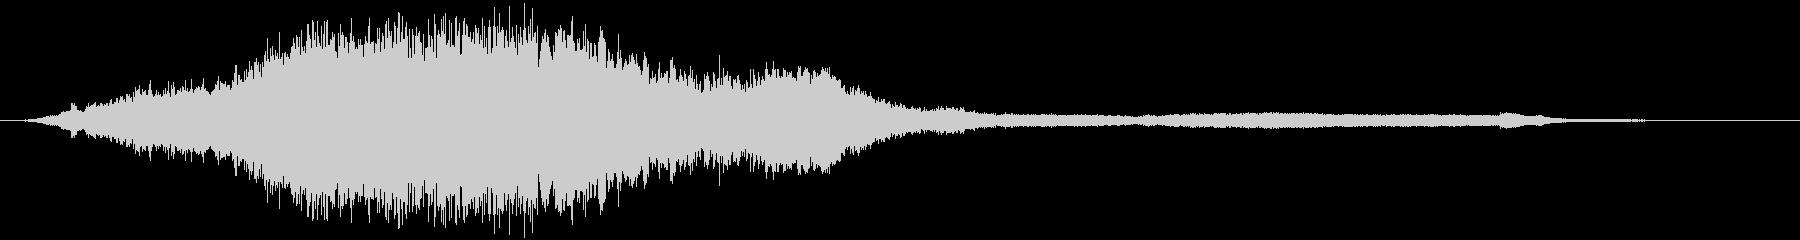 【ホラー】ベルが響き渡るダークな空間_2の未再生の波形